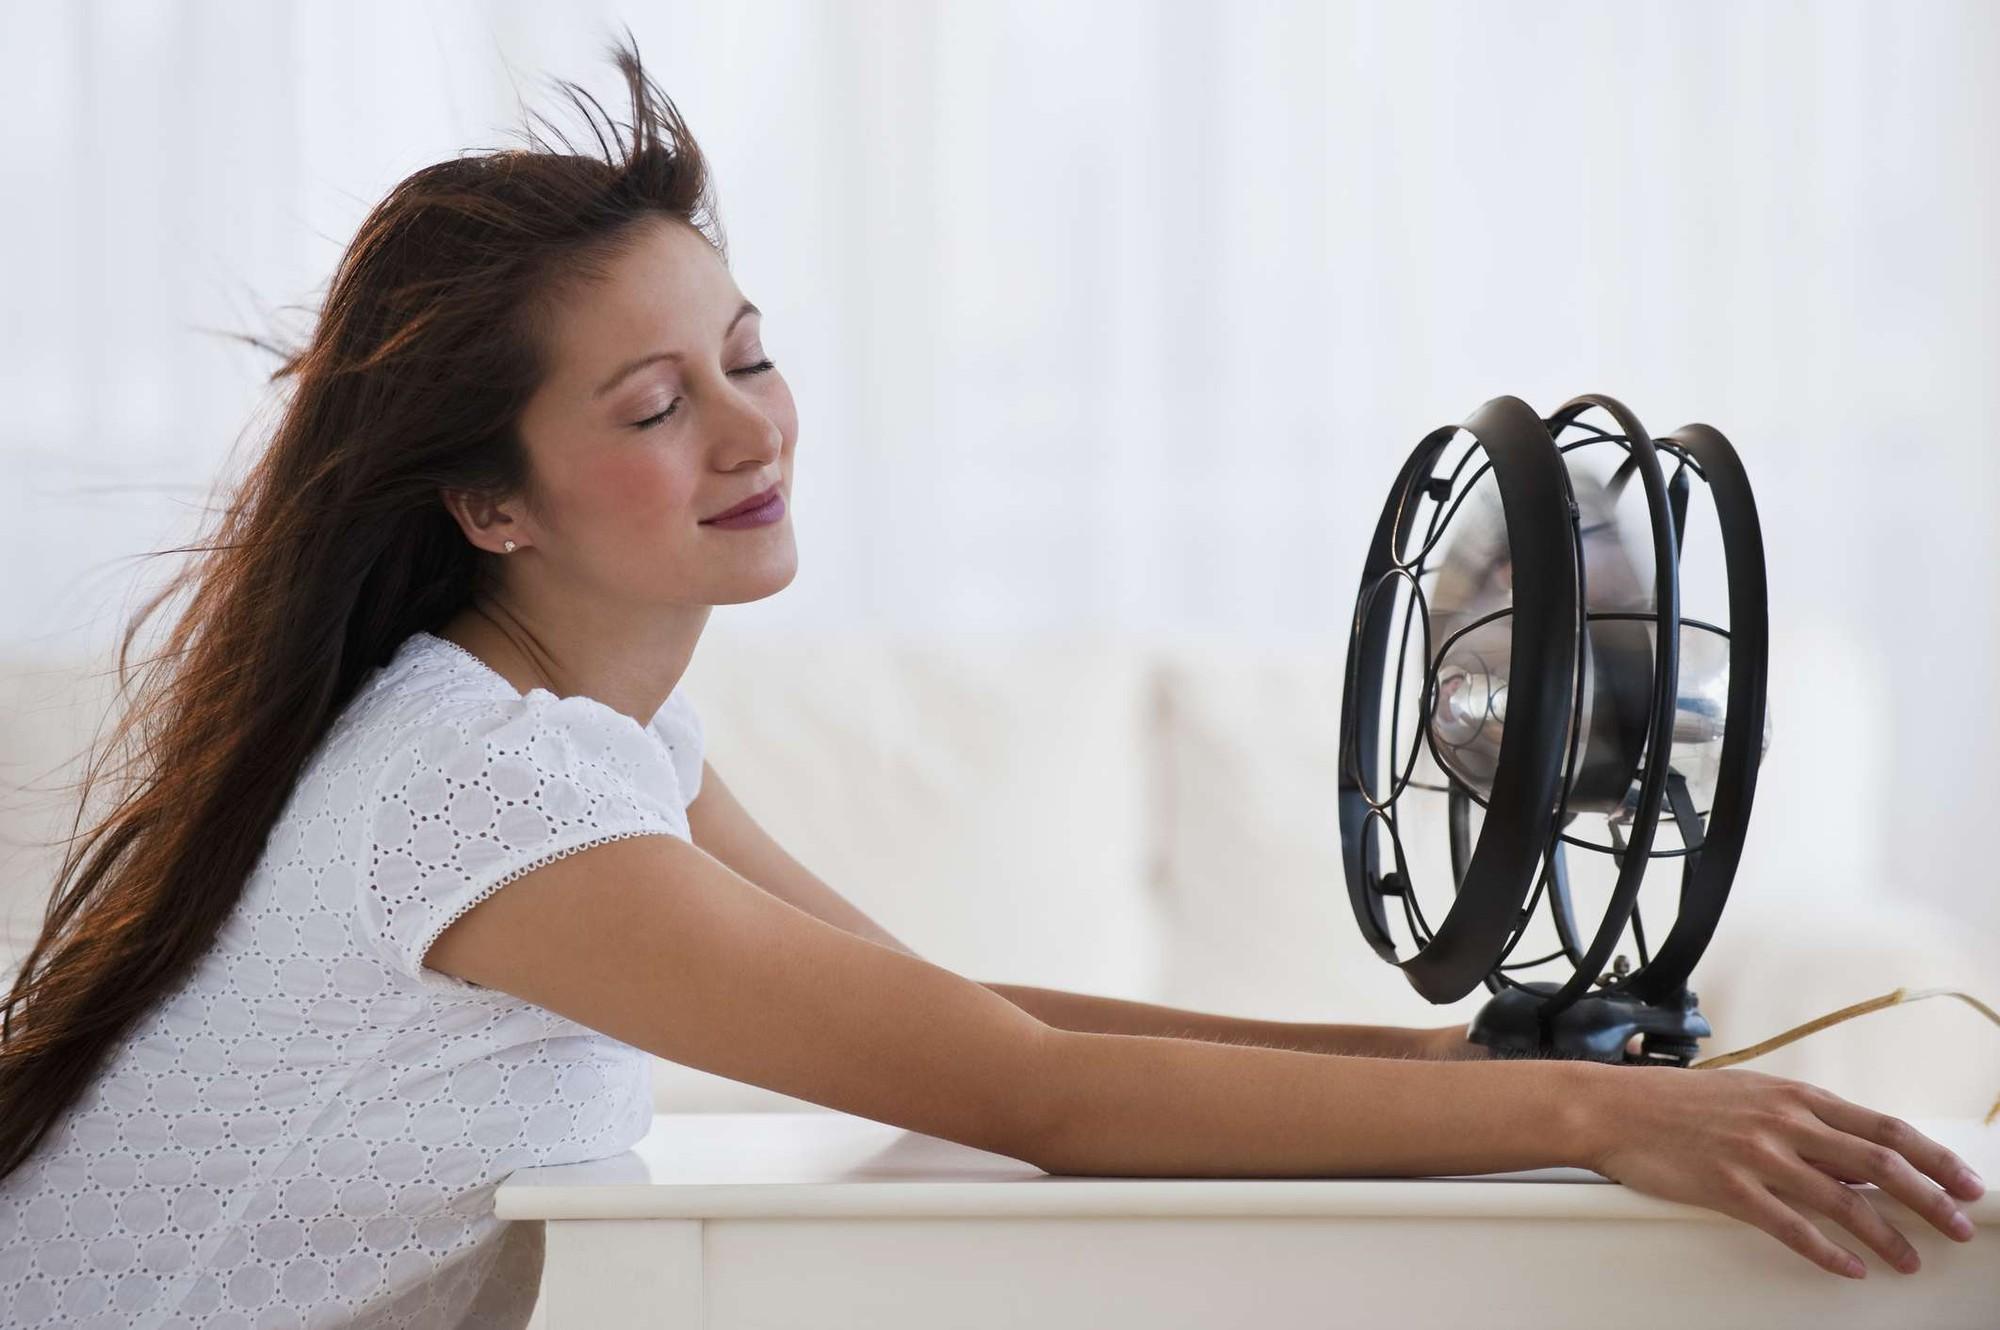 Mùa hè dùng quạt điện cần tránh mắc phải 4 sai lầm này kẻo gây hại nghiêm trọng tới sức khỏe - Ảnh 4.